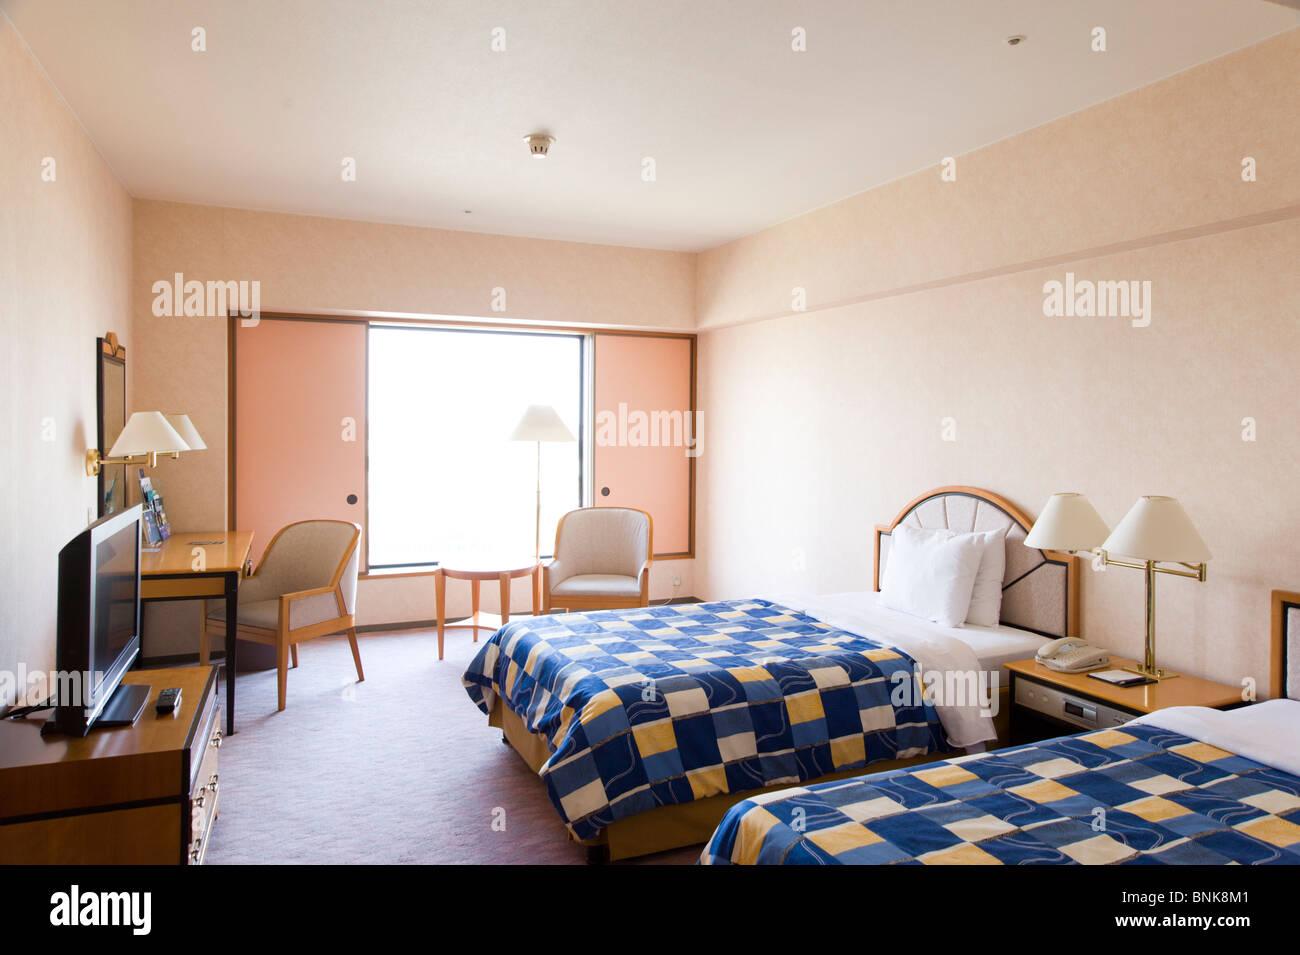 Hilton Hotel Habitación con dos camas. Imagen De Stock